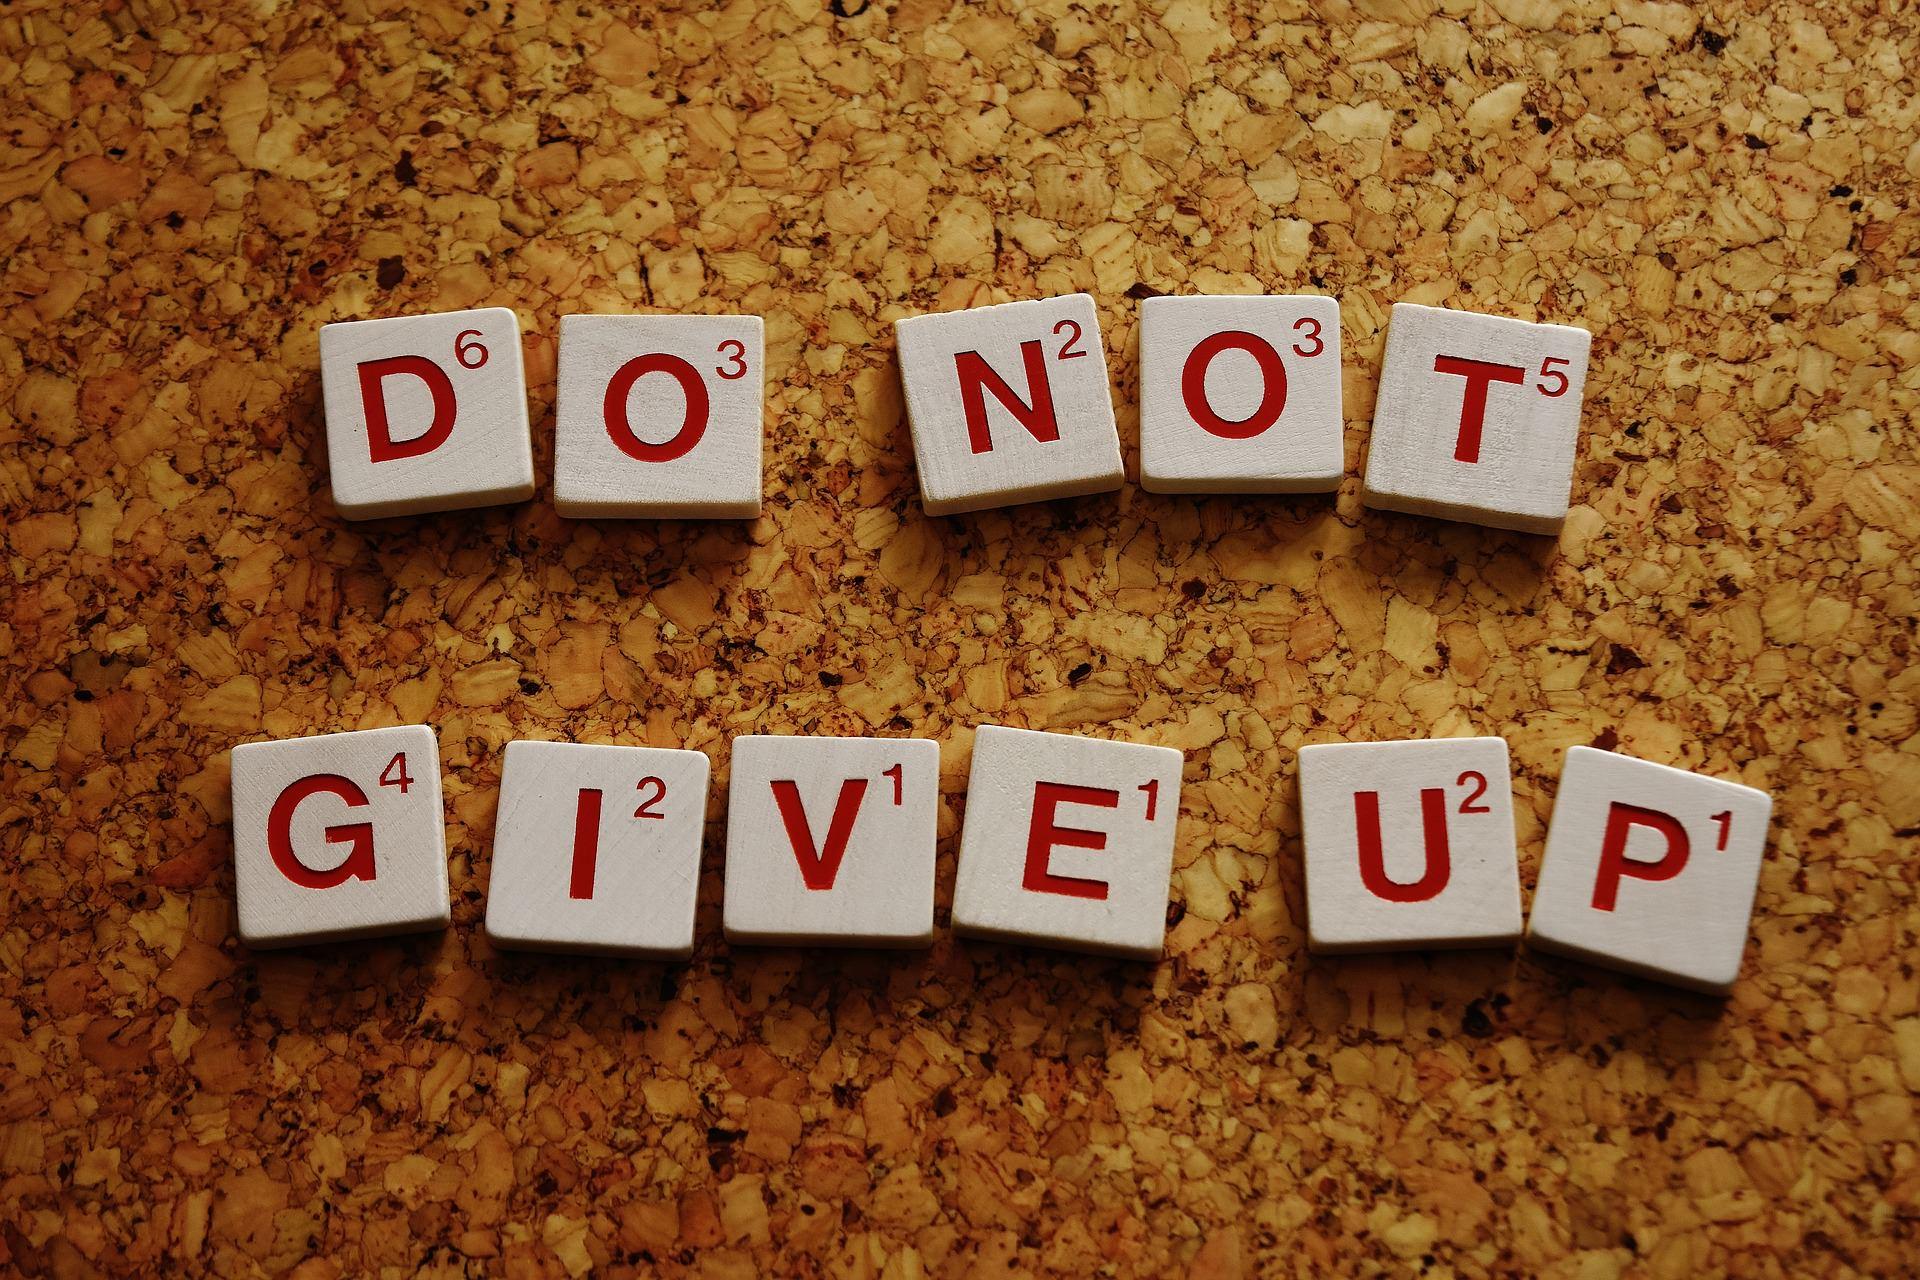 筋トレやダイエットが続かないひとへ「DO NOT GIVE UP」のメッセージ